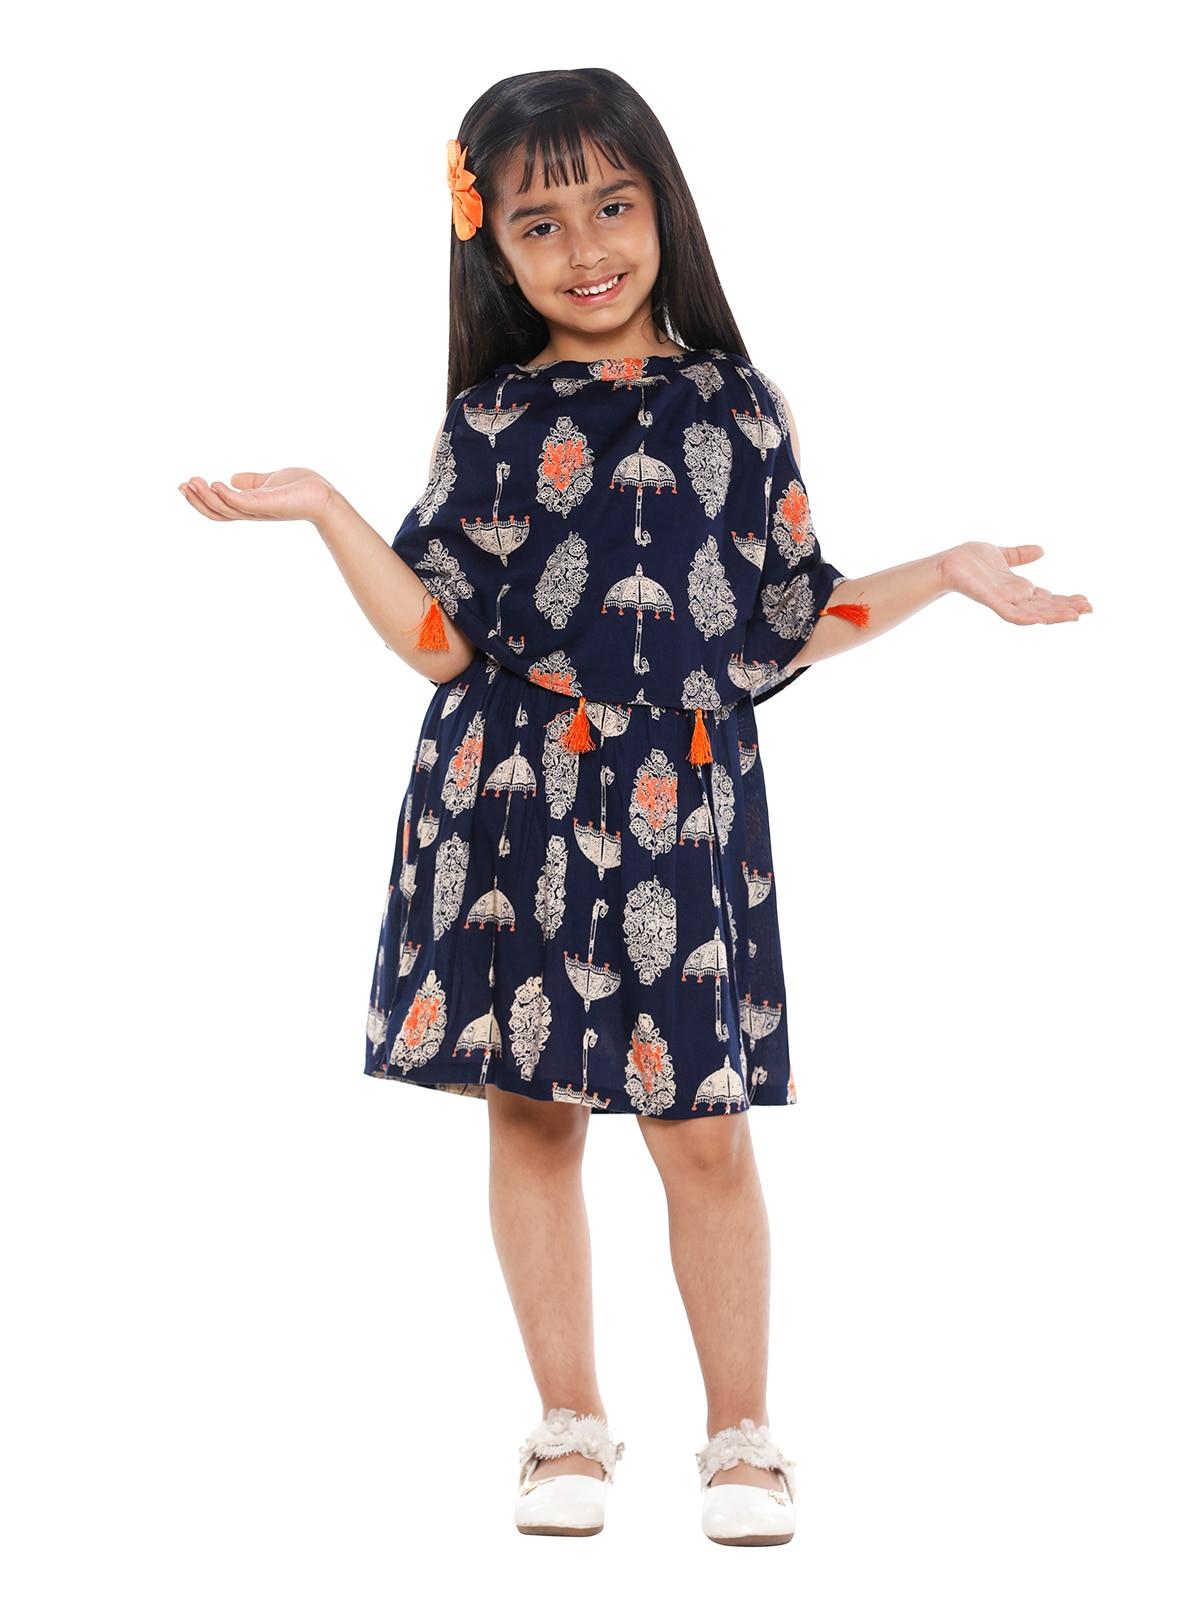 9b9c881de1 Girls Dresses - Buy Frocks   Gowns for Girls Online